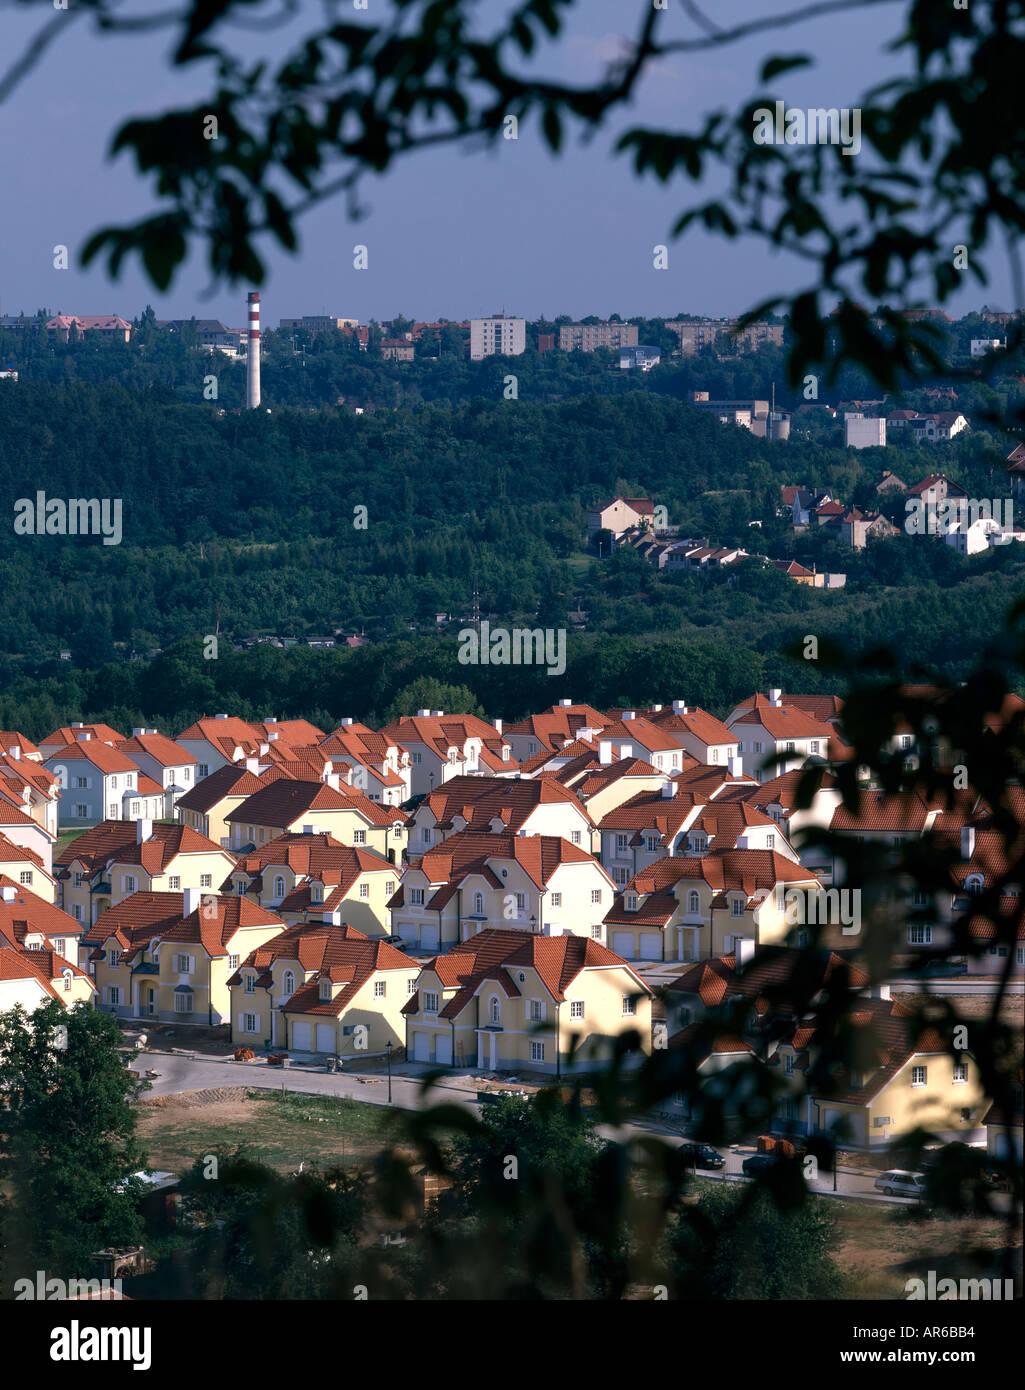 Sarka mala vivienda, Praga. Arquitecto: concepto urbano Foto de stock